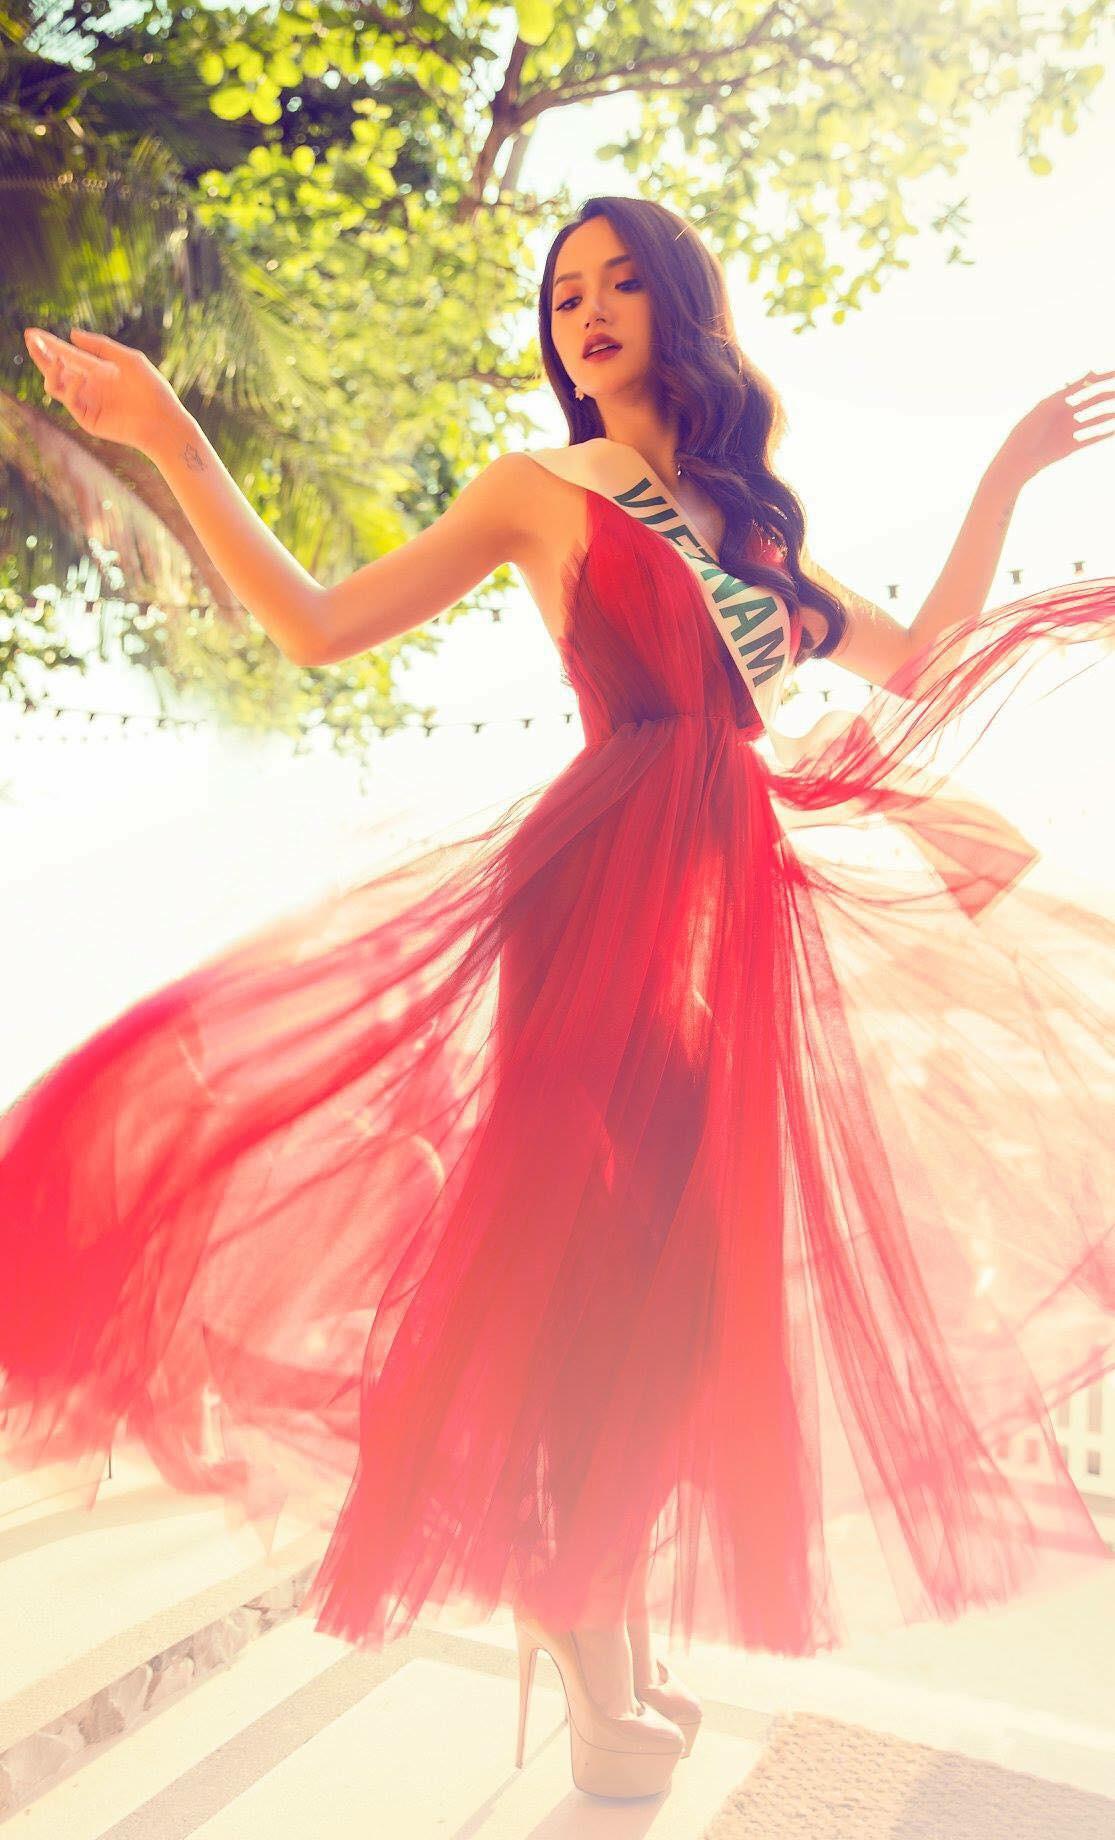 Những chiếc váy giúp Hoa hậu Hương Giang nâng tầm đẳng cấp  - Ảnh 2.